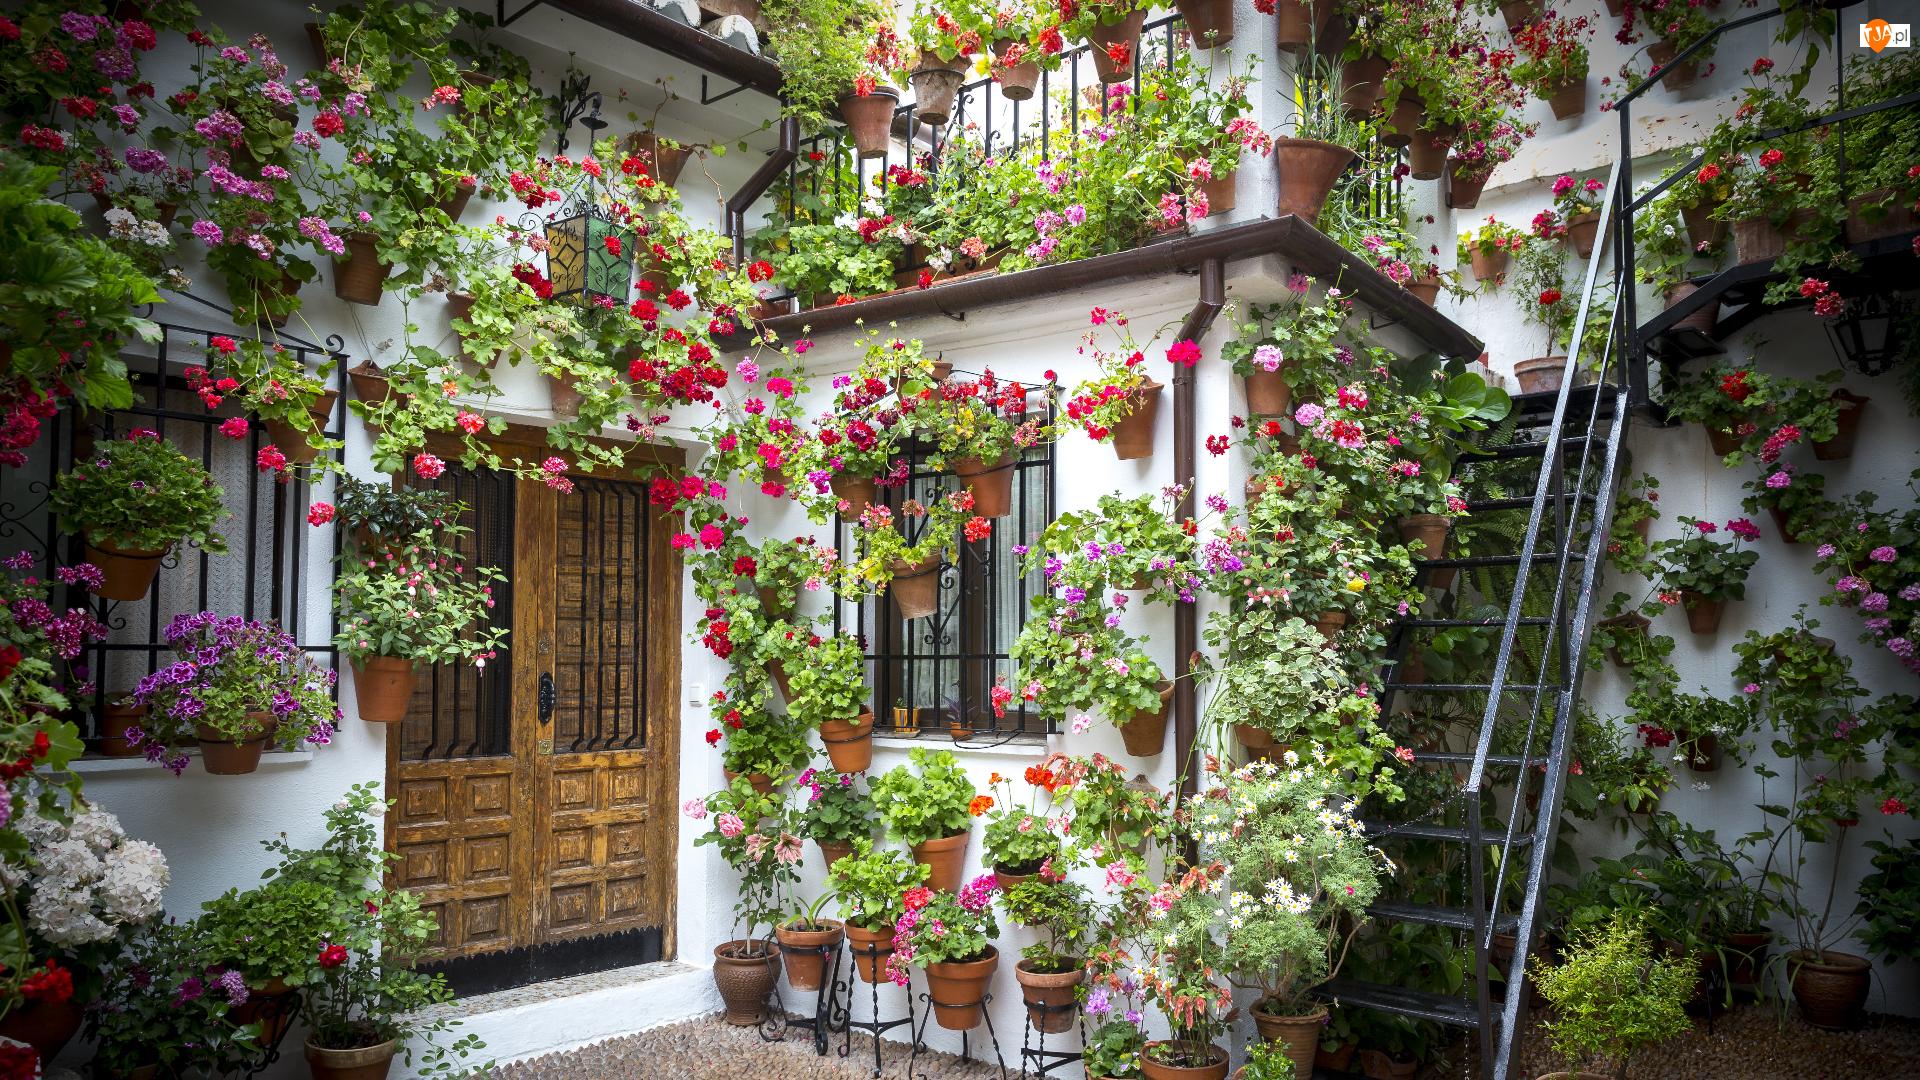 Pelargonie, Schody, Kwiaty, Dom, Fasada